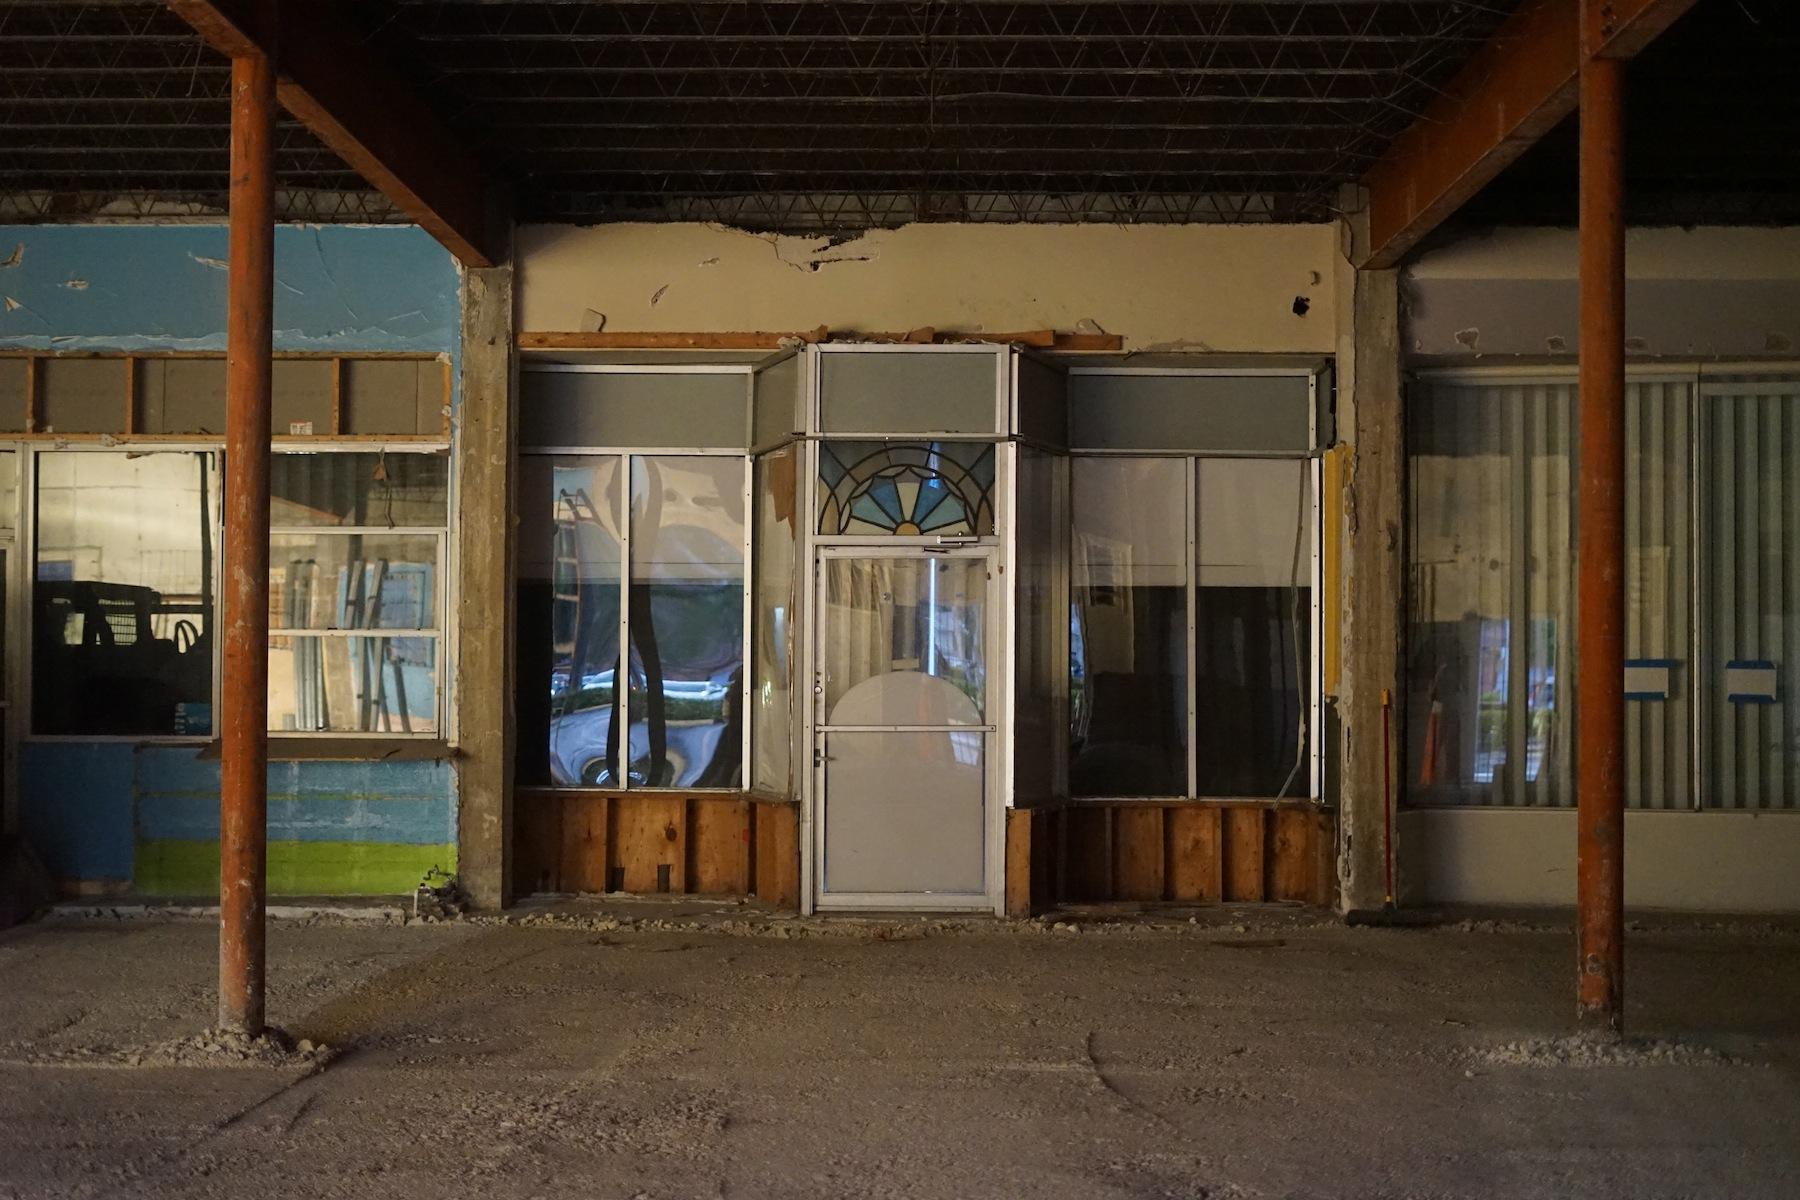 Valls_interior storefronts_elespacio_1800. copy.JPG